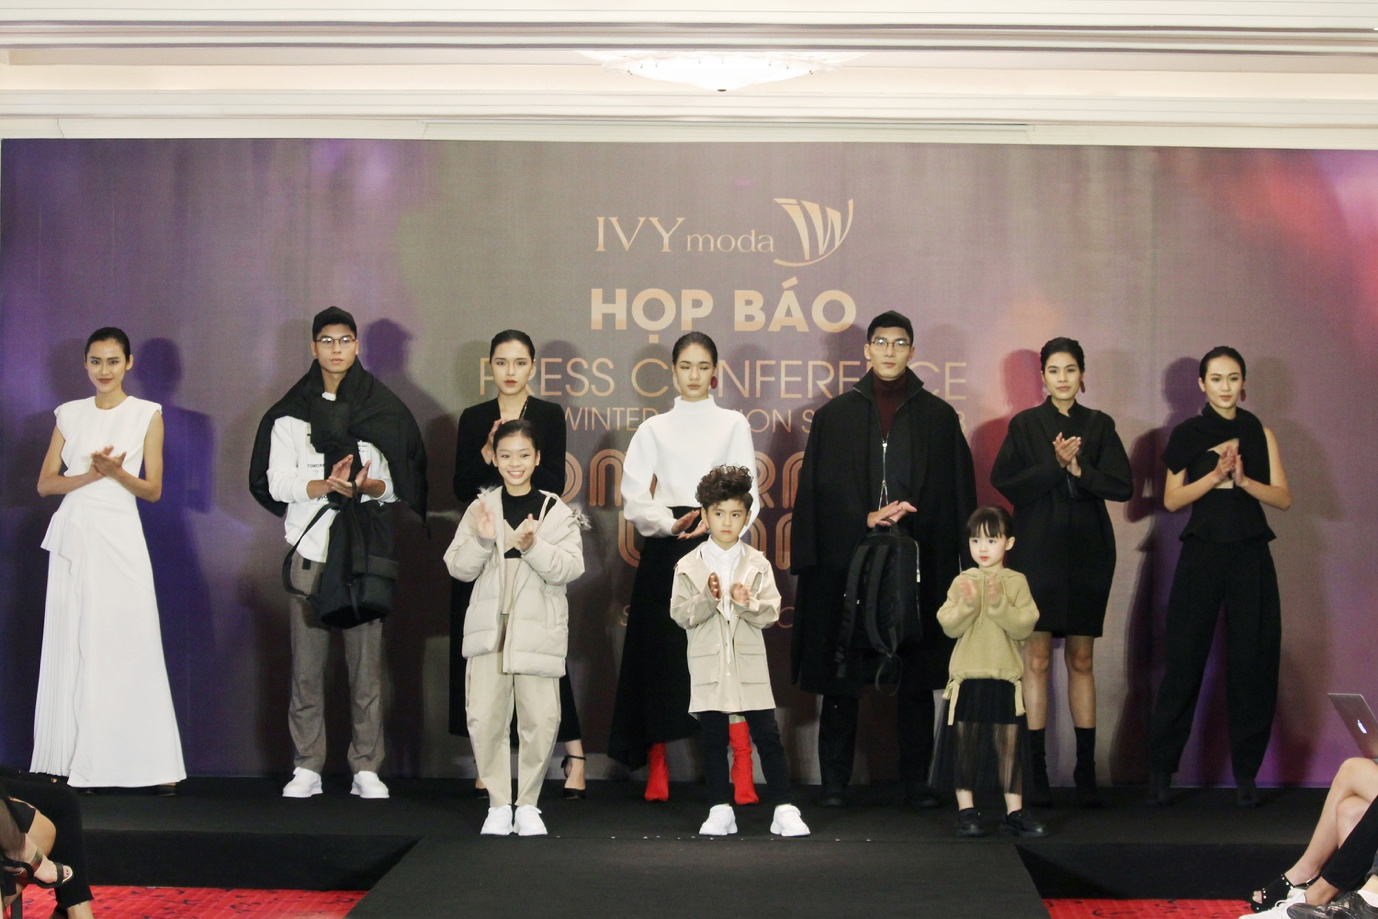 IVY moda hợp tác cùng NTK từng làm việc với nhà mốt lừng danh Alexander McQueen - Ảnh 1.